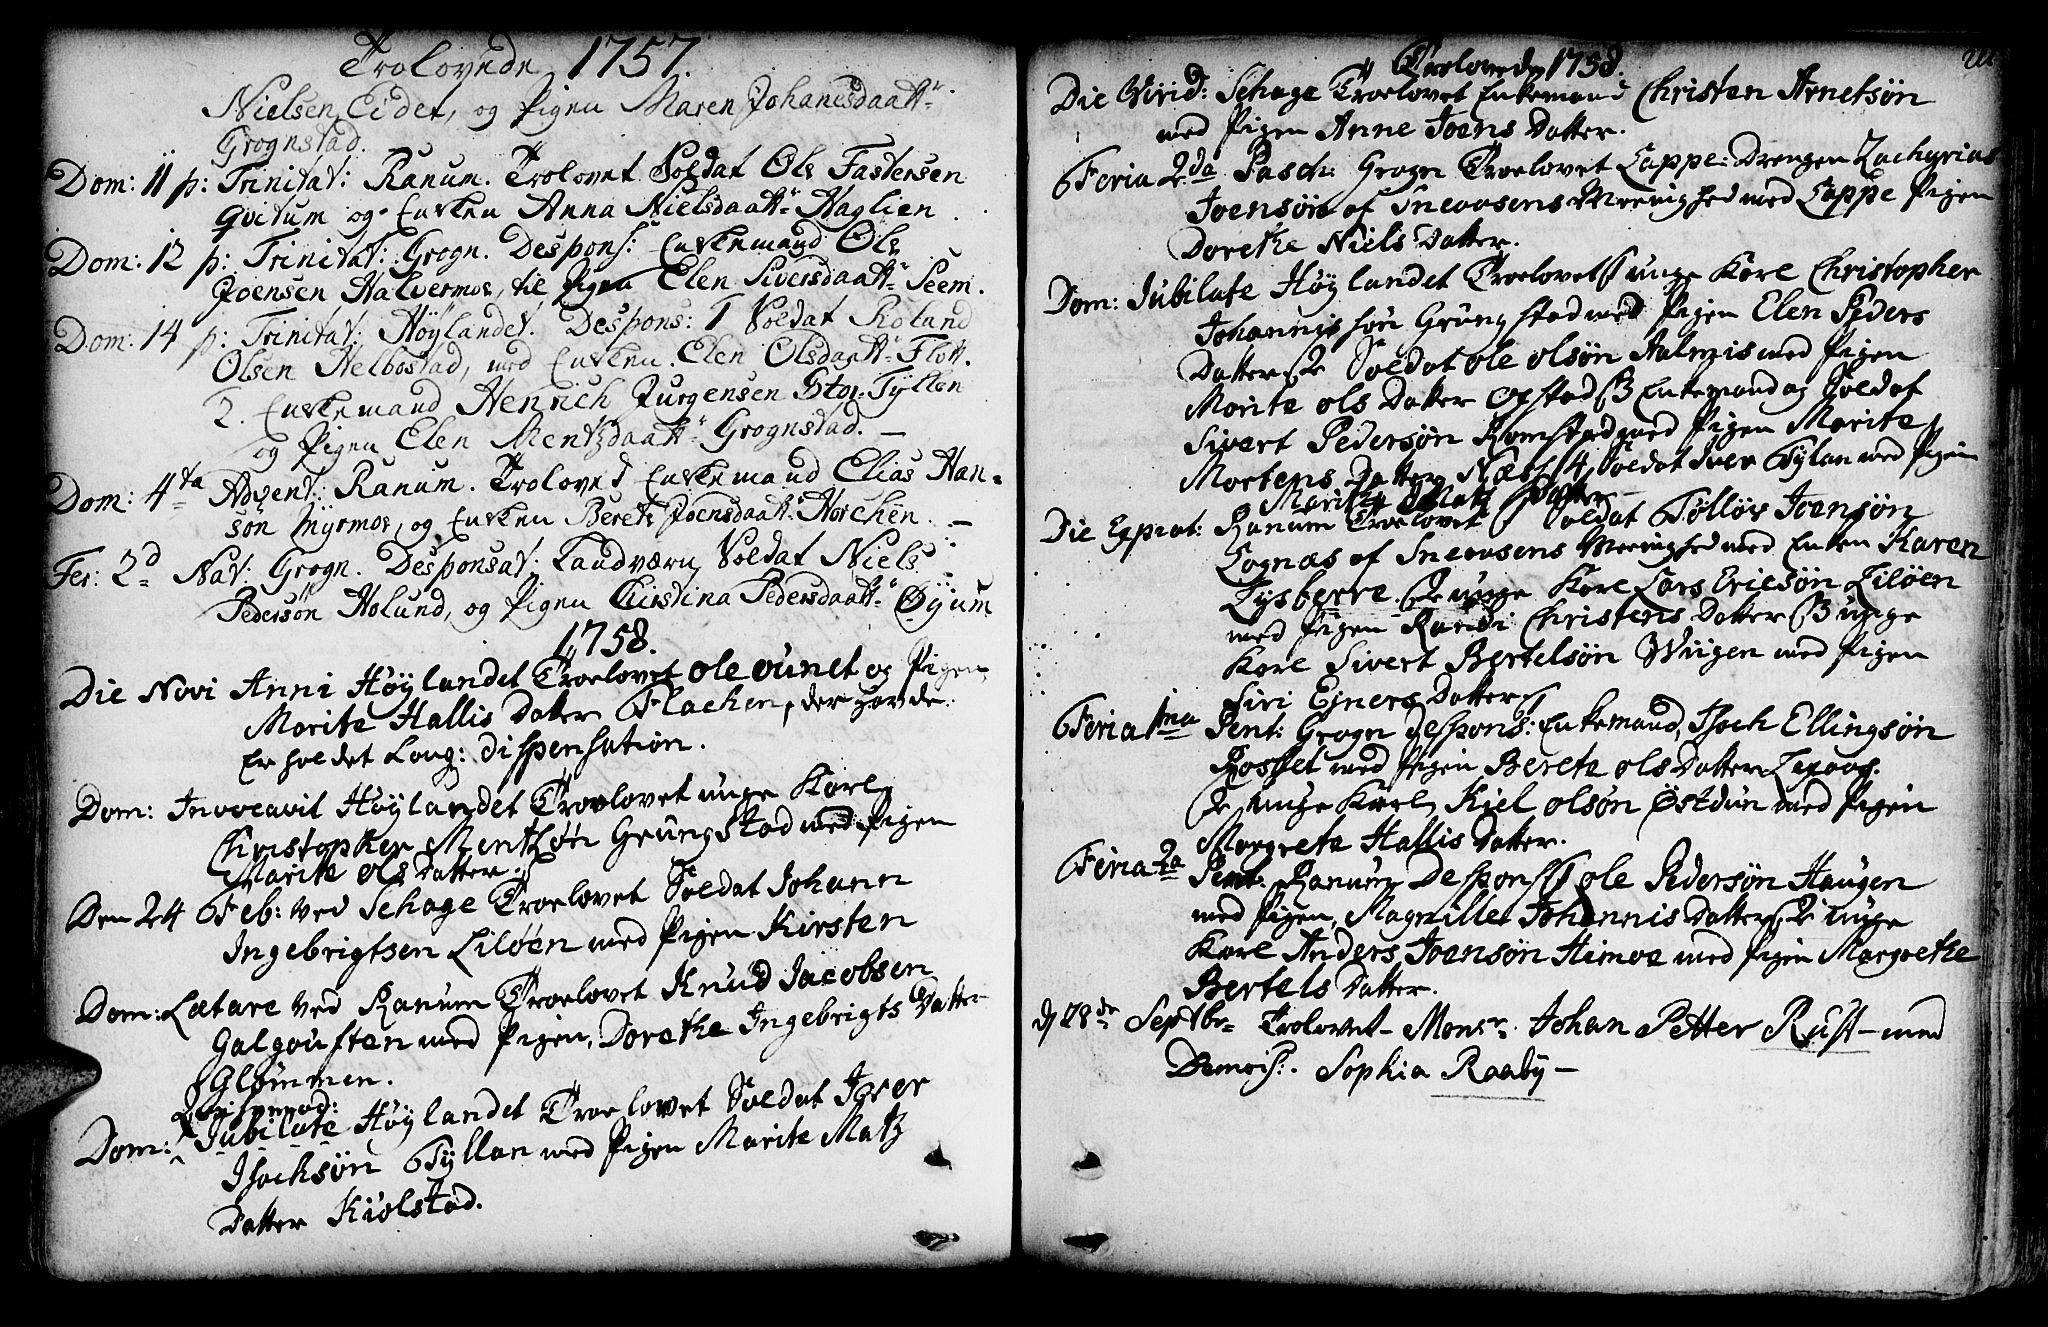 SAT, Ministerialprotokoller, klokkerbøker og fødselsregistre - Nord-Trøndelag, 764/L0542: Ministerialbok nr. 764A02, 1748-1779, s. 211